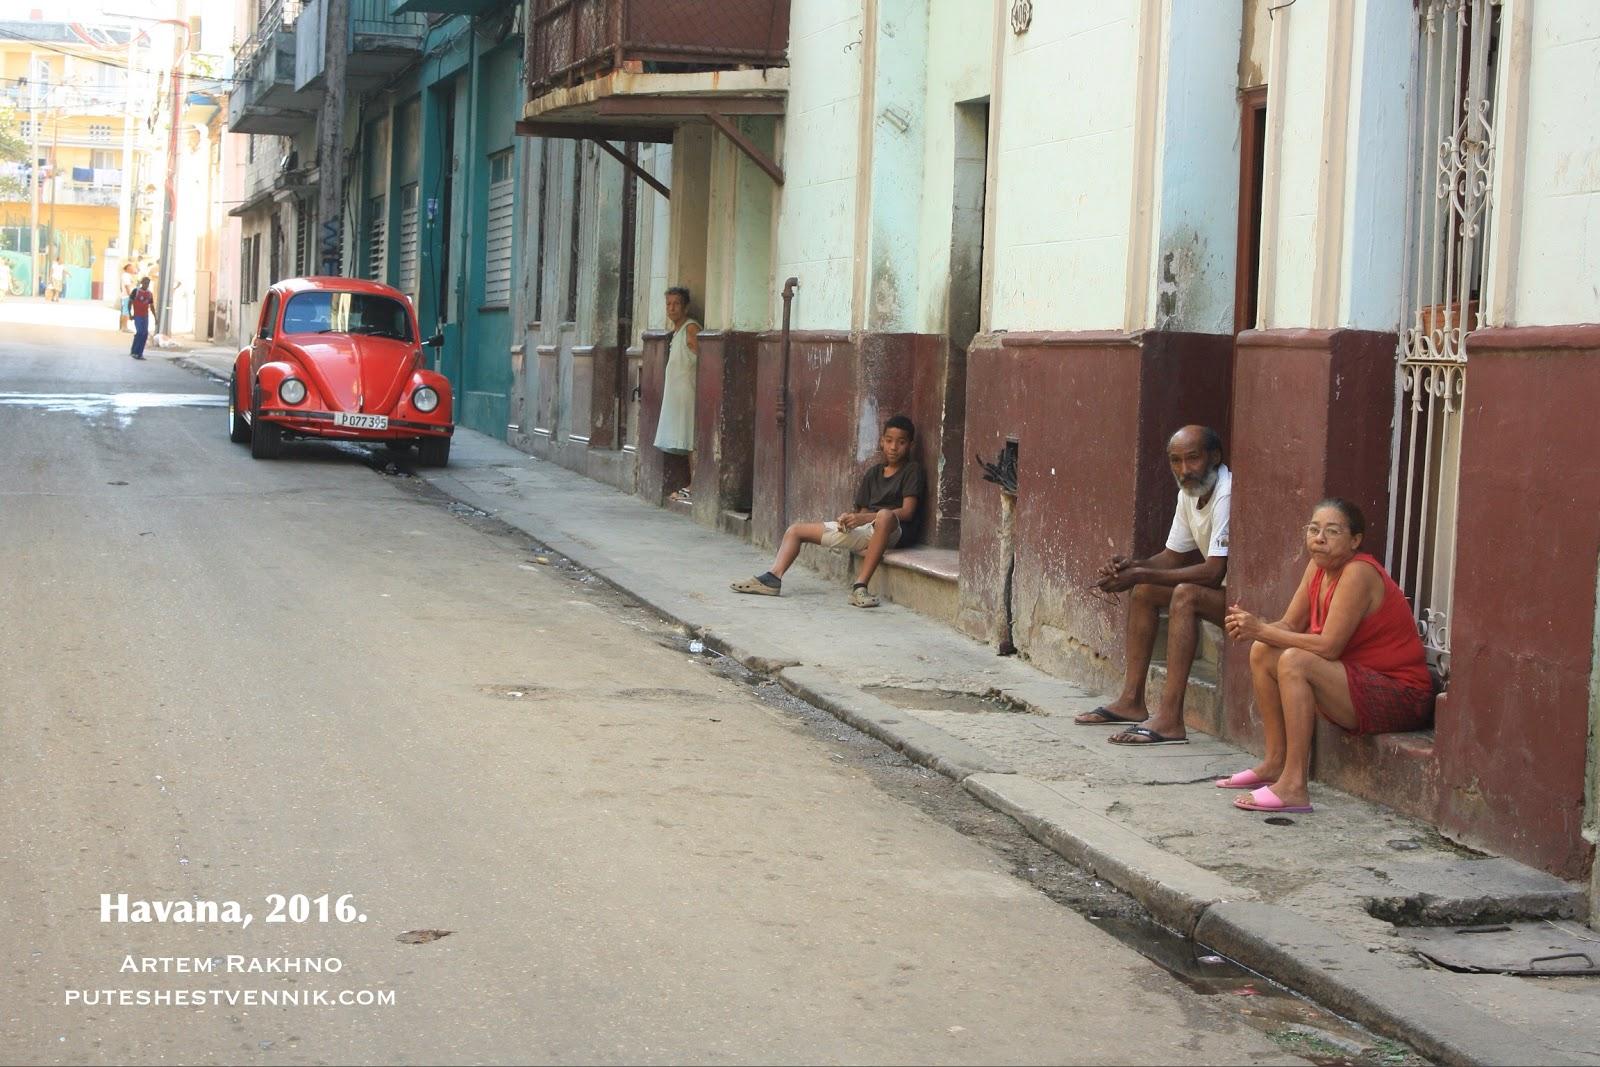 Жители Гаваны отдыхают на пороге дома